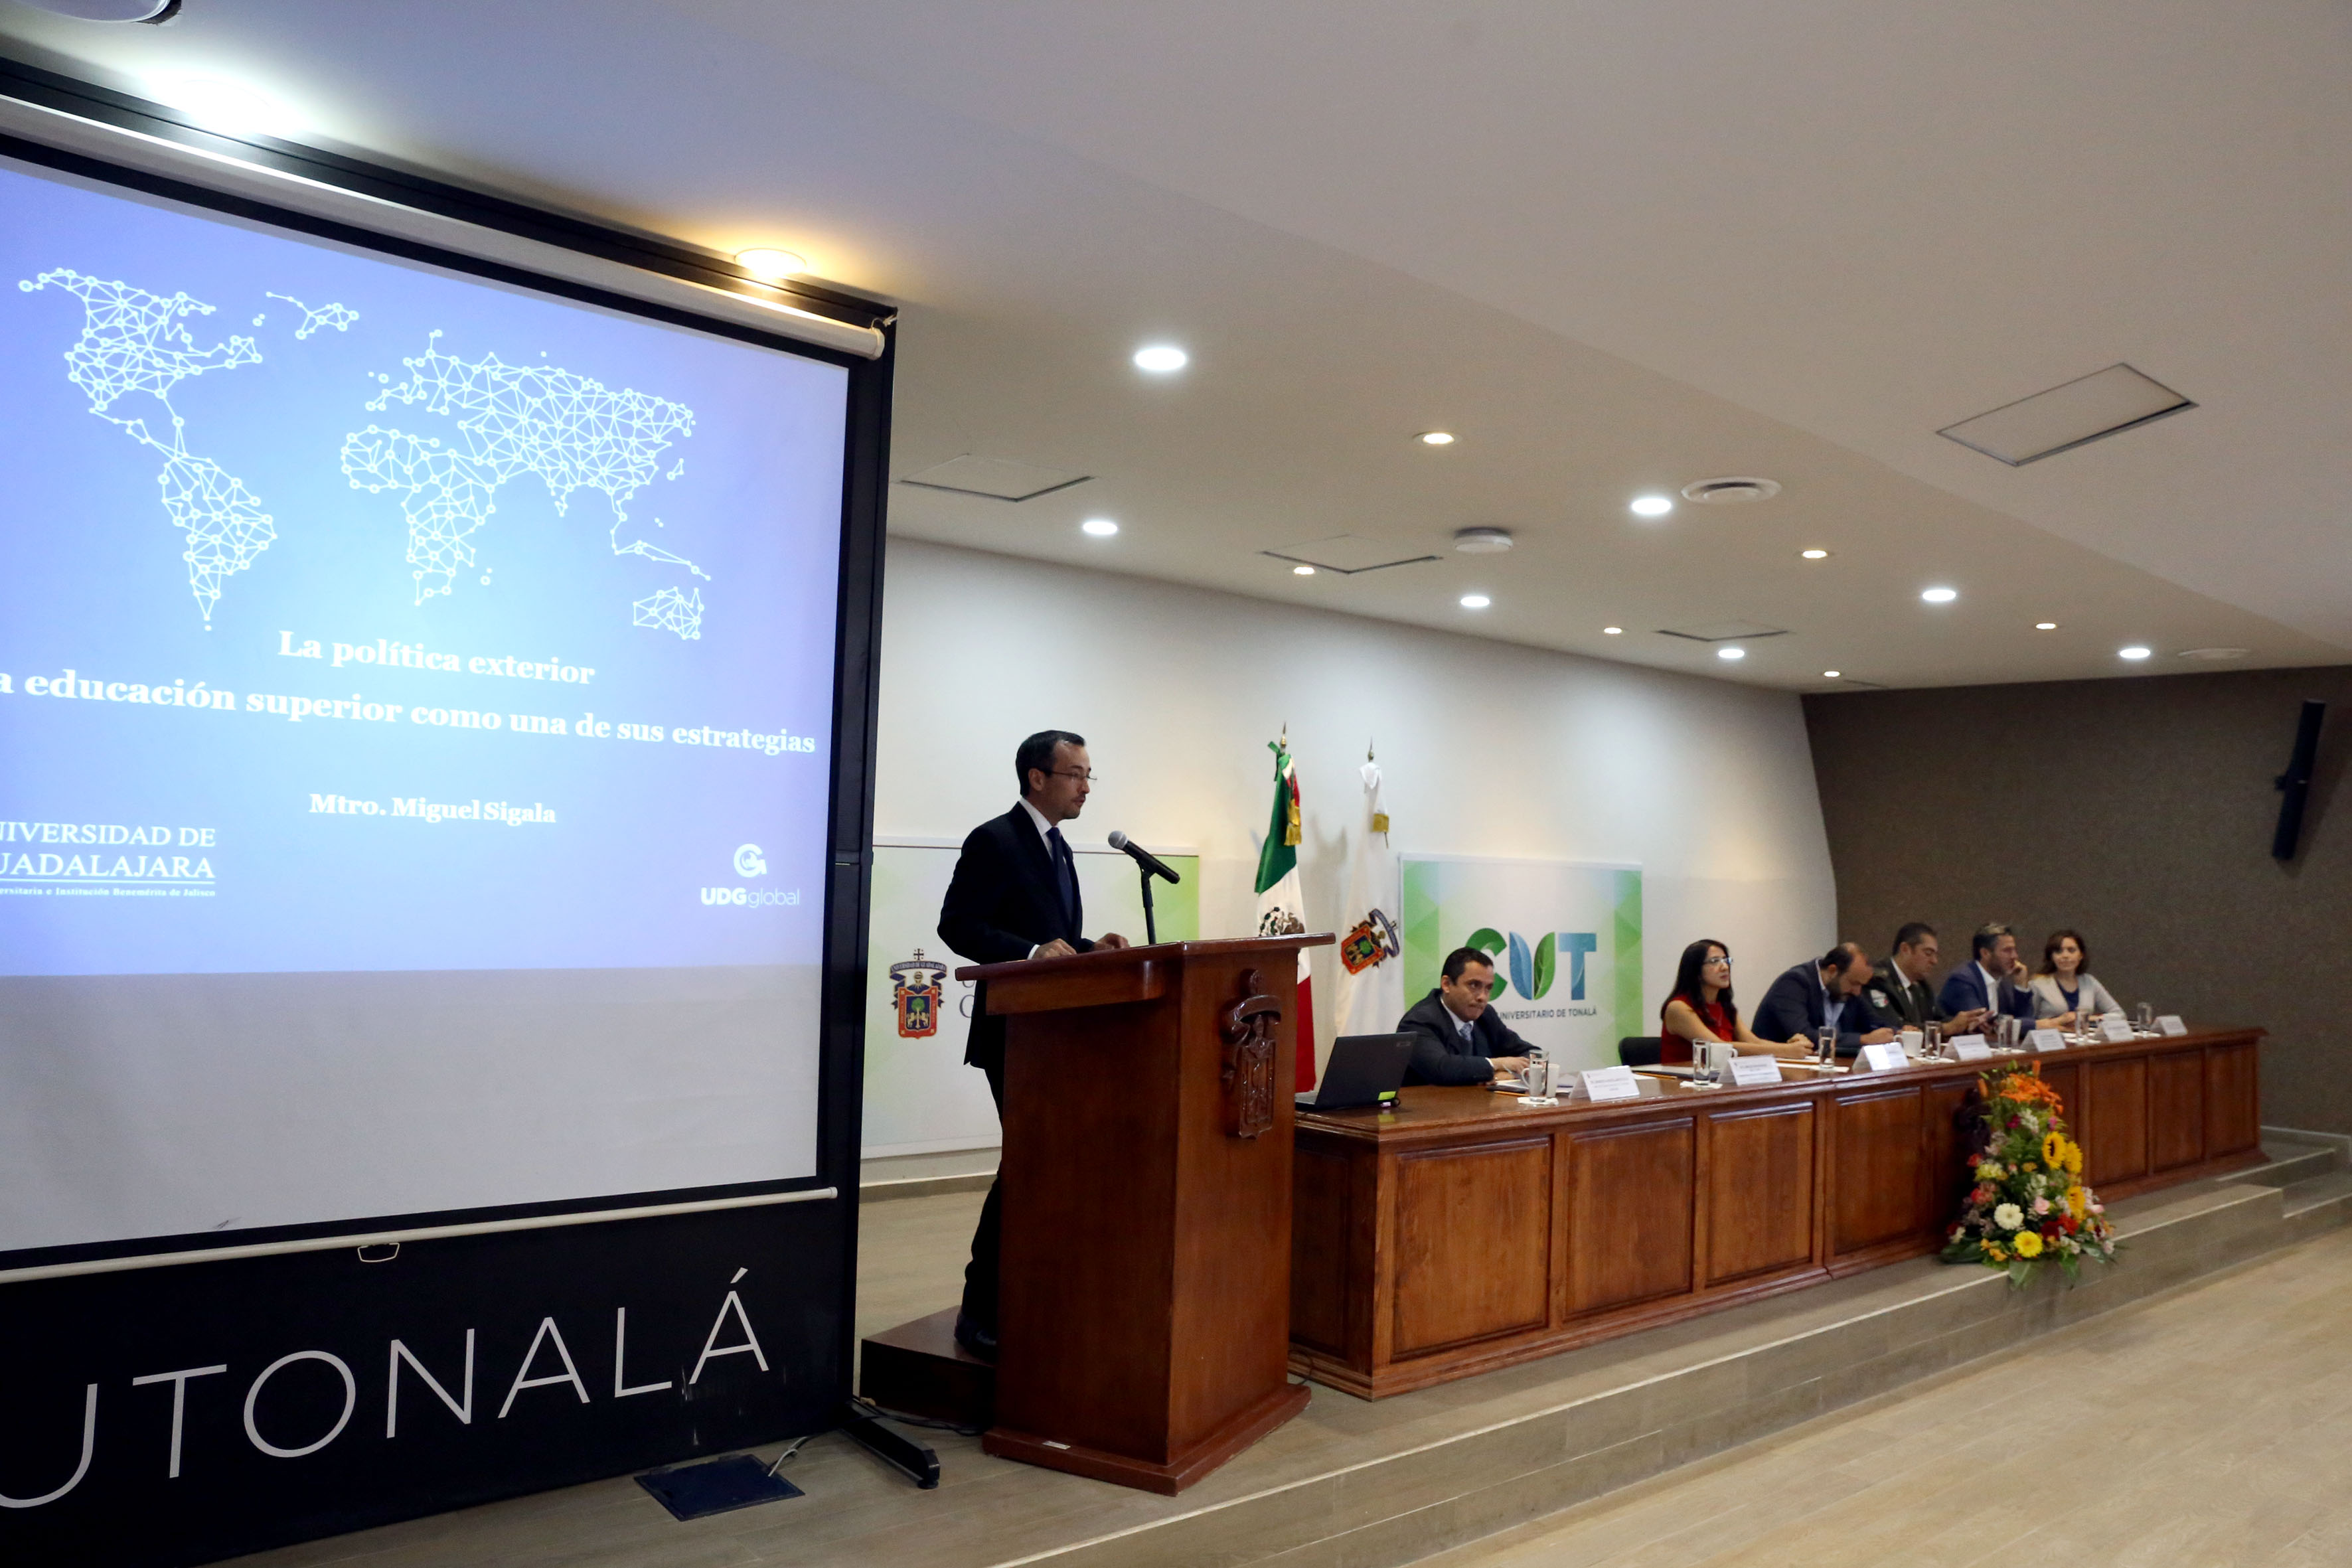 Doctor Carlos Iván Moreno Arellano, titular de la Coordinación General de Cooperación e Internacionalización, de la Universidad de Guadalajara, en podium del auditorio haciendo uso de la palabra.